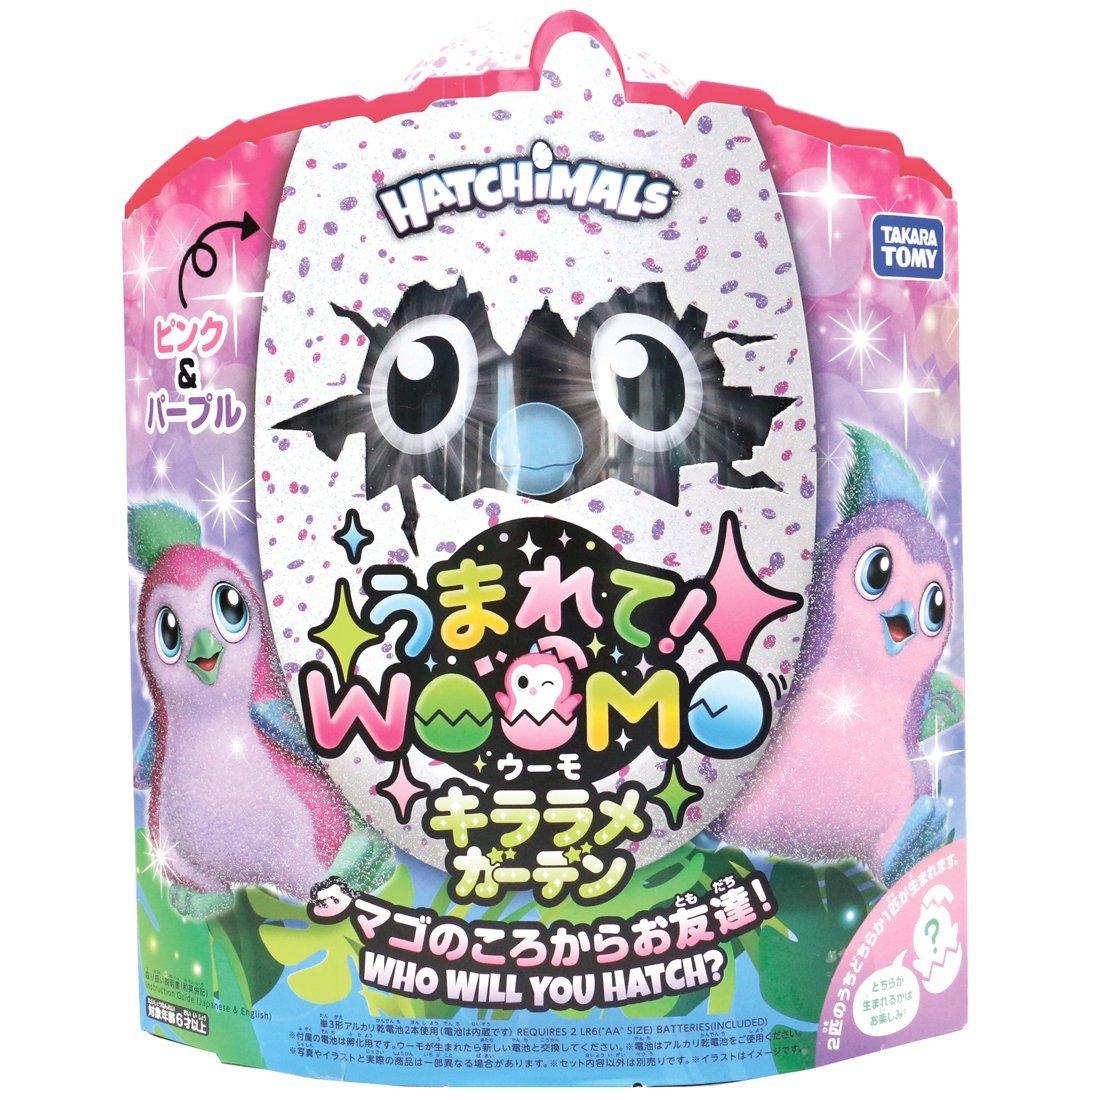 うまれて! ウーモ キララメガーデン ピンク&パープル (HATCHIMALS)【送料無料】